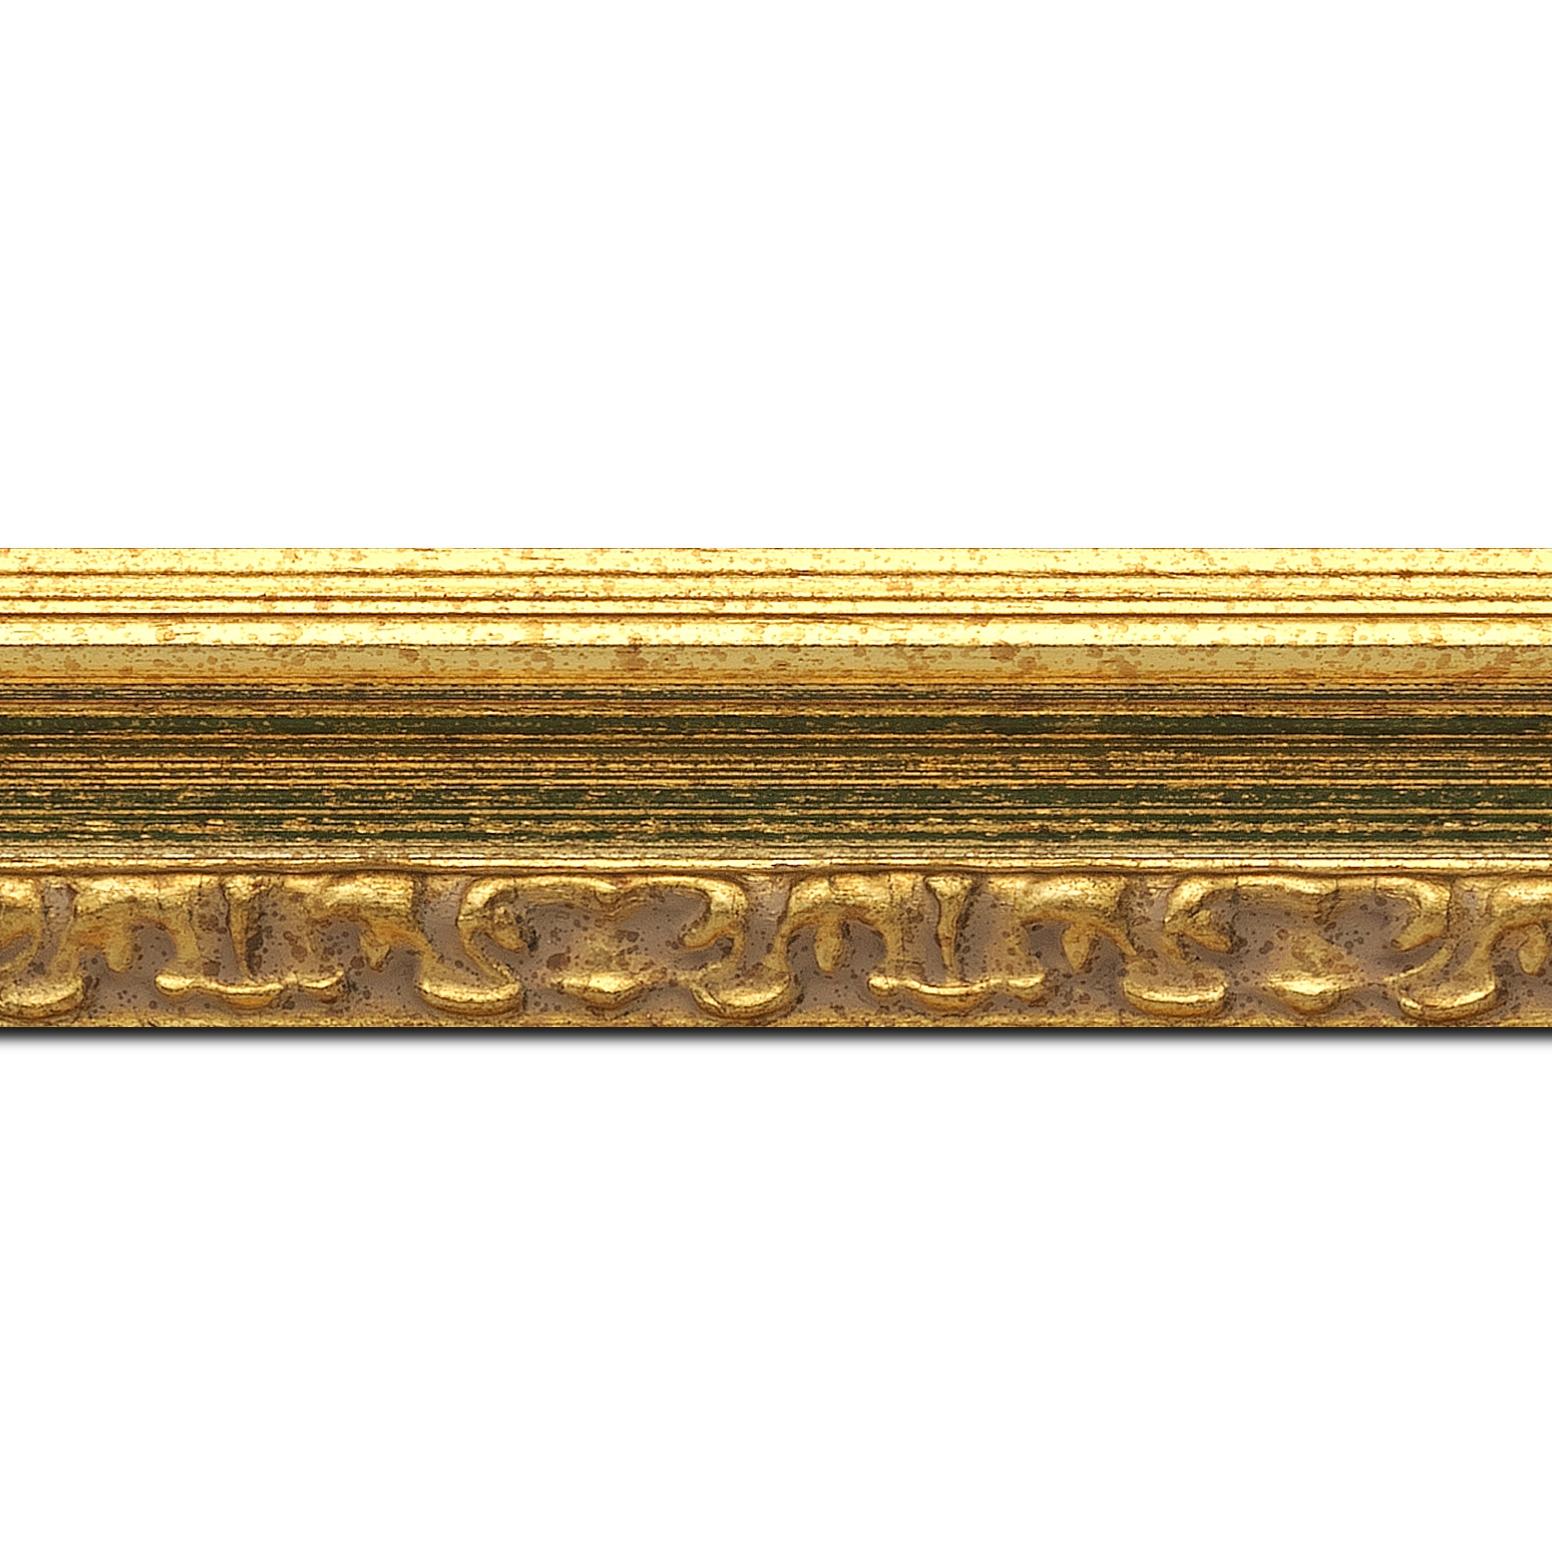 Baguette longueur 1.40m bois profil incurvé largeur 5.1cm couleur or patiné à la feuille gorge vert fond or nez ornement